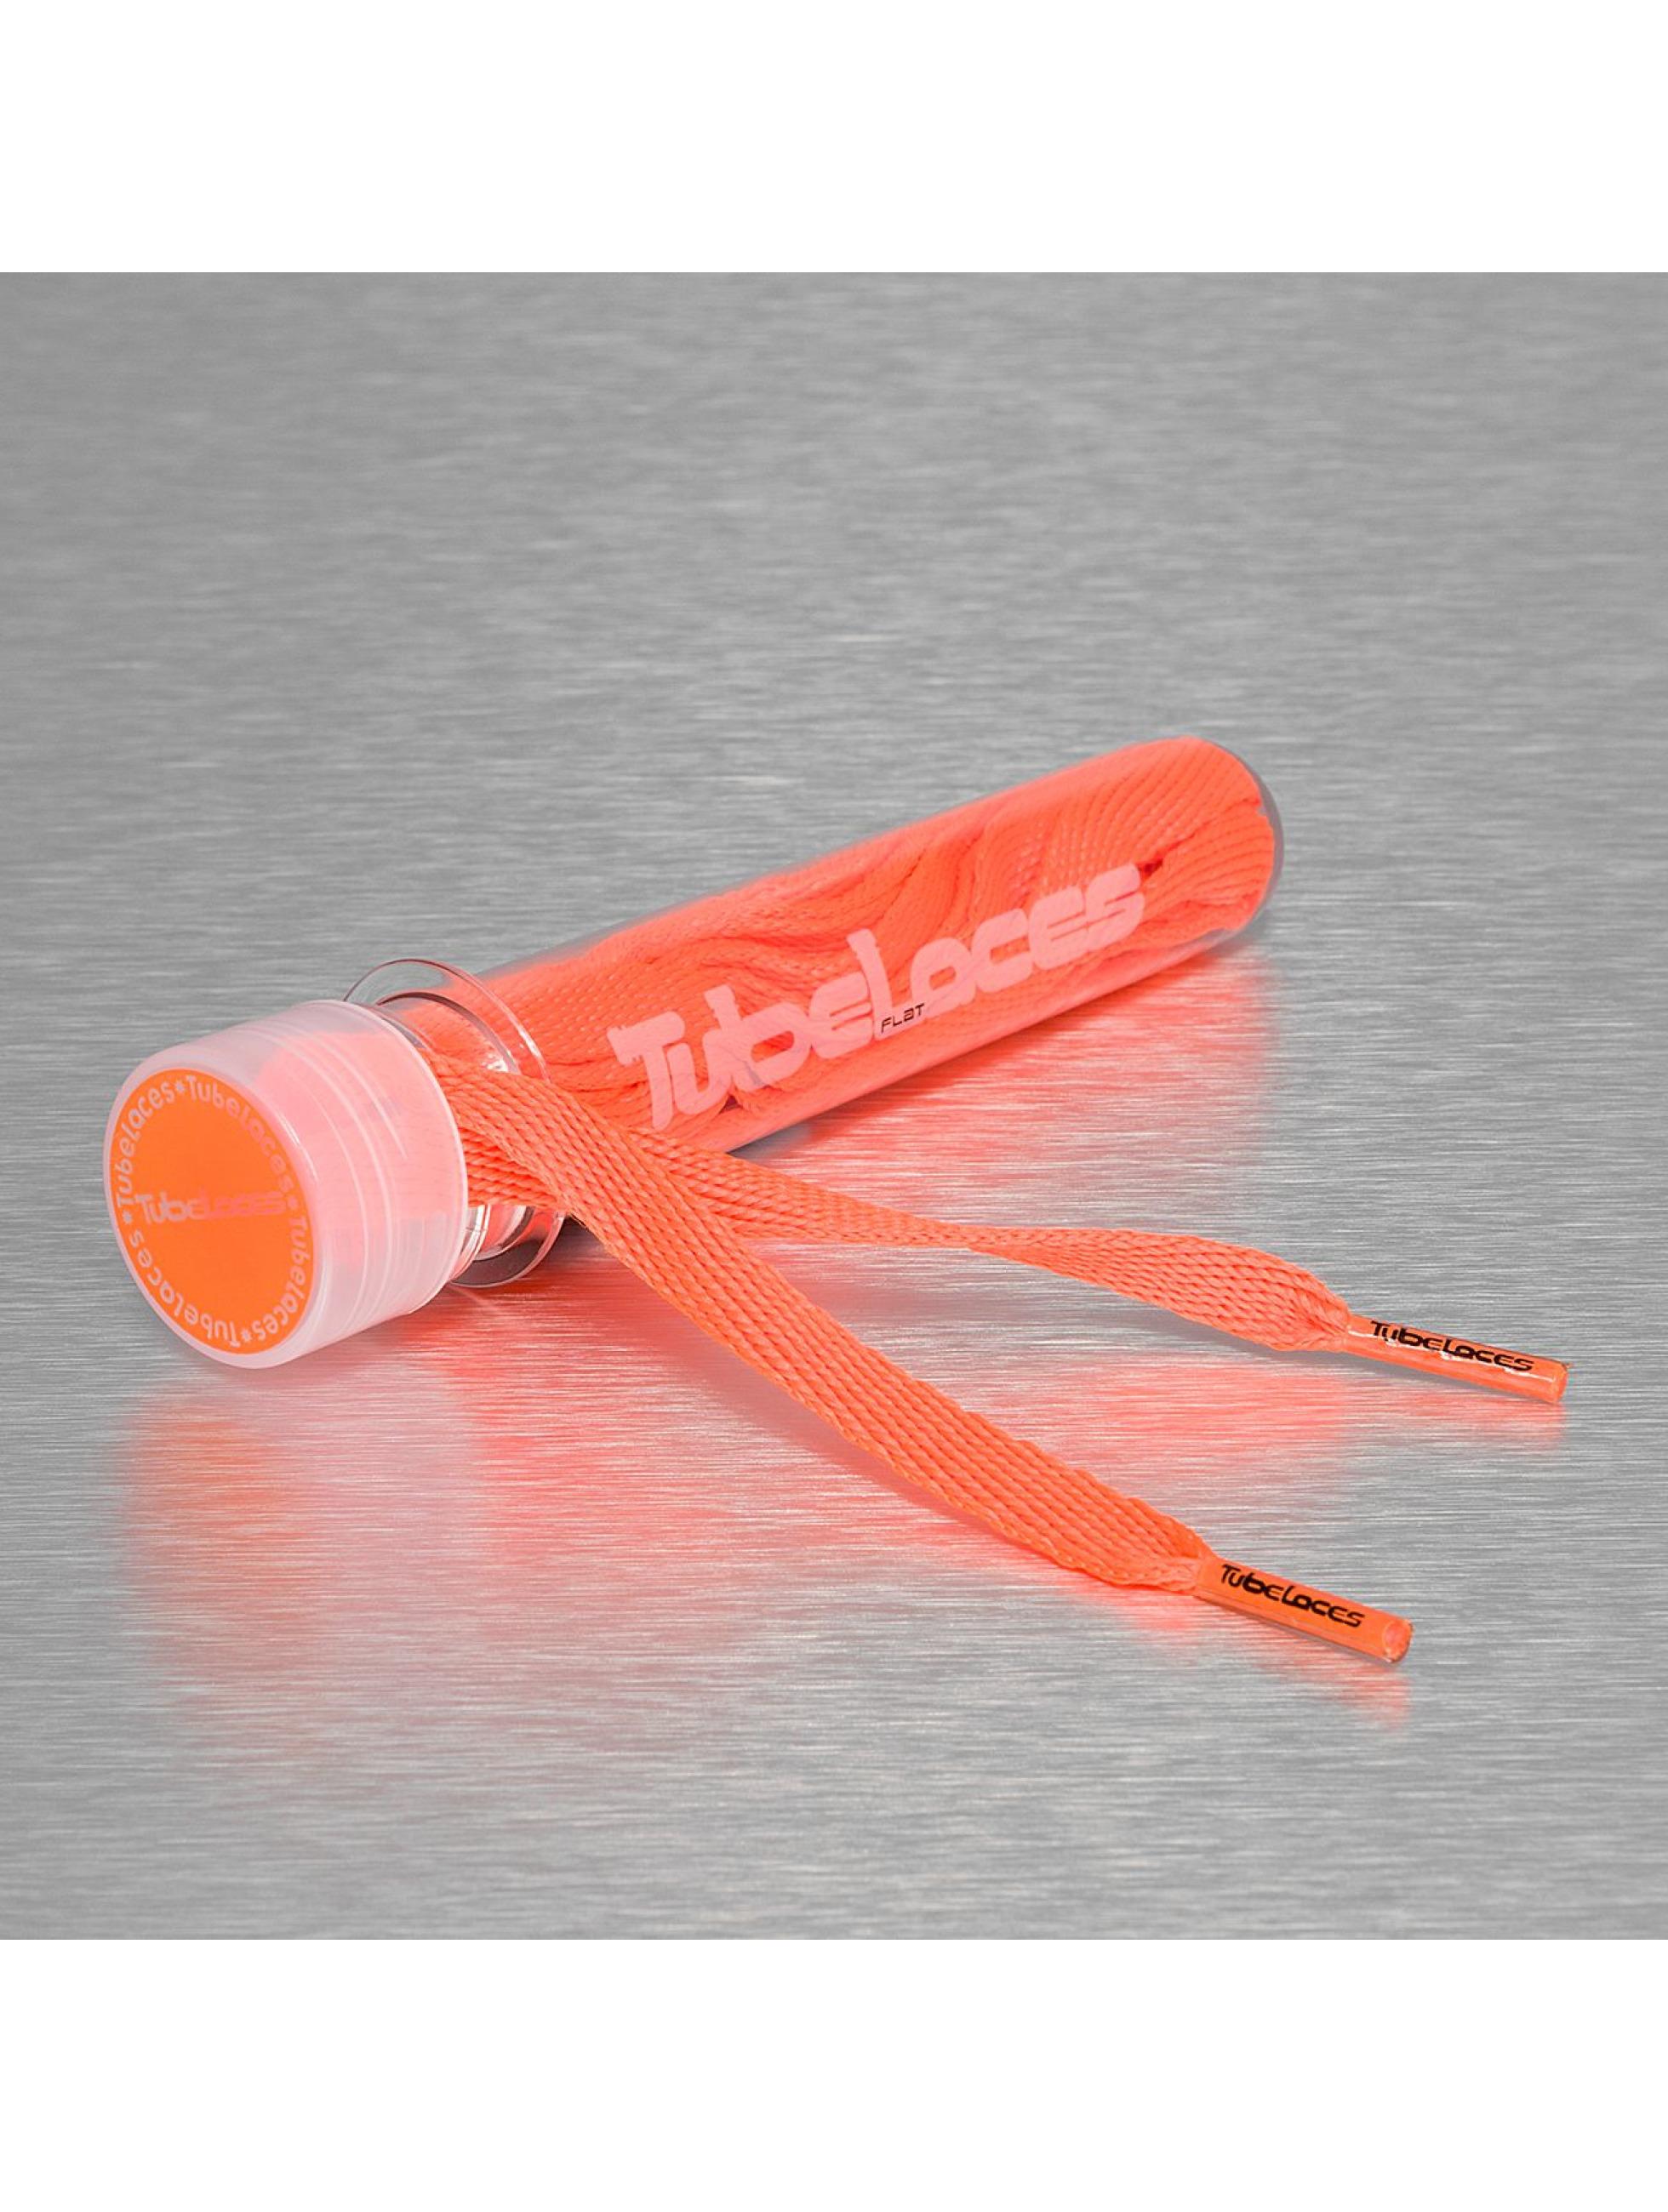 Tubelaces Männer,Frauen Schuhzubehör Flat Laces 140cm in orange